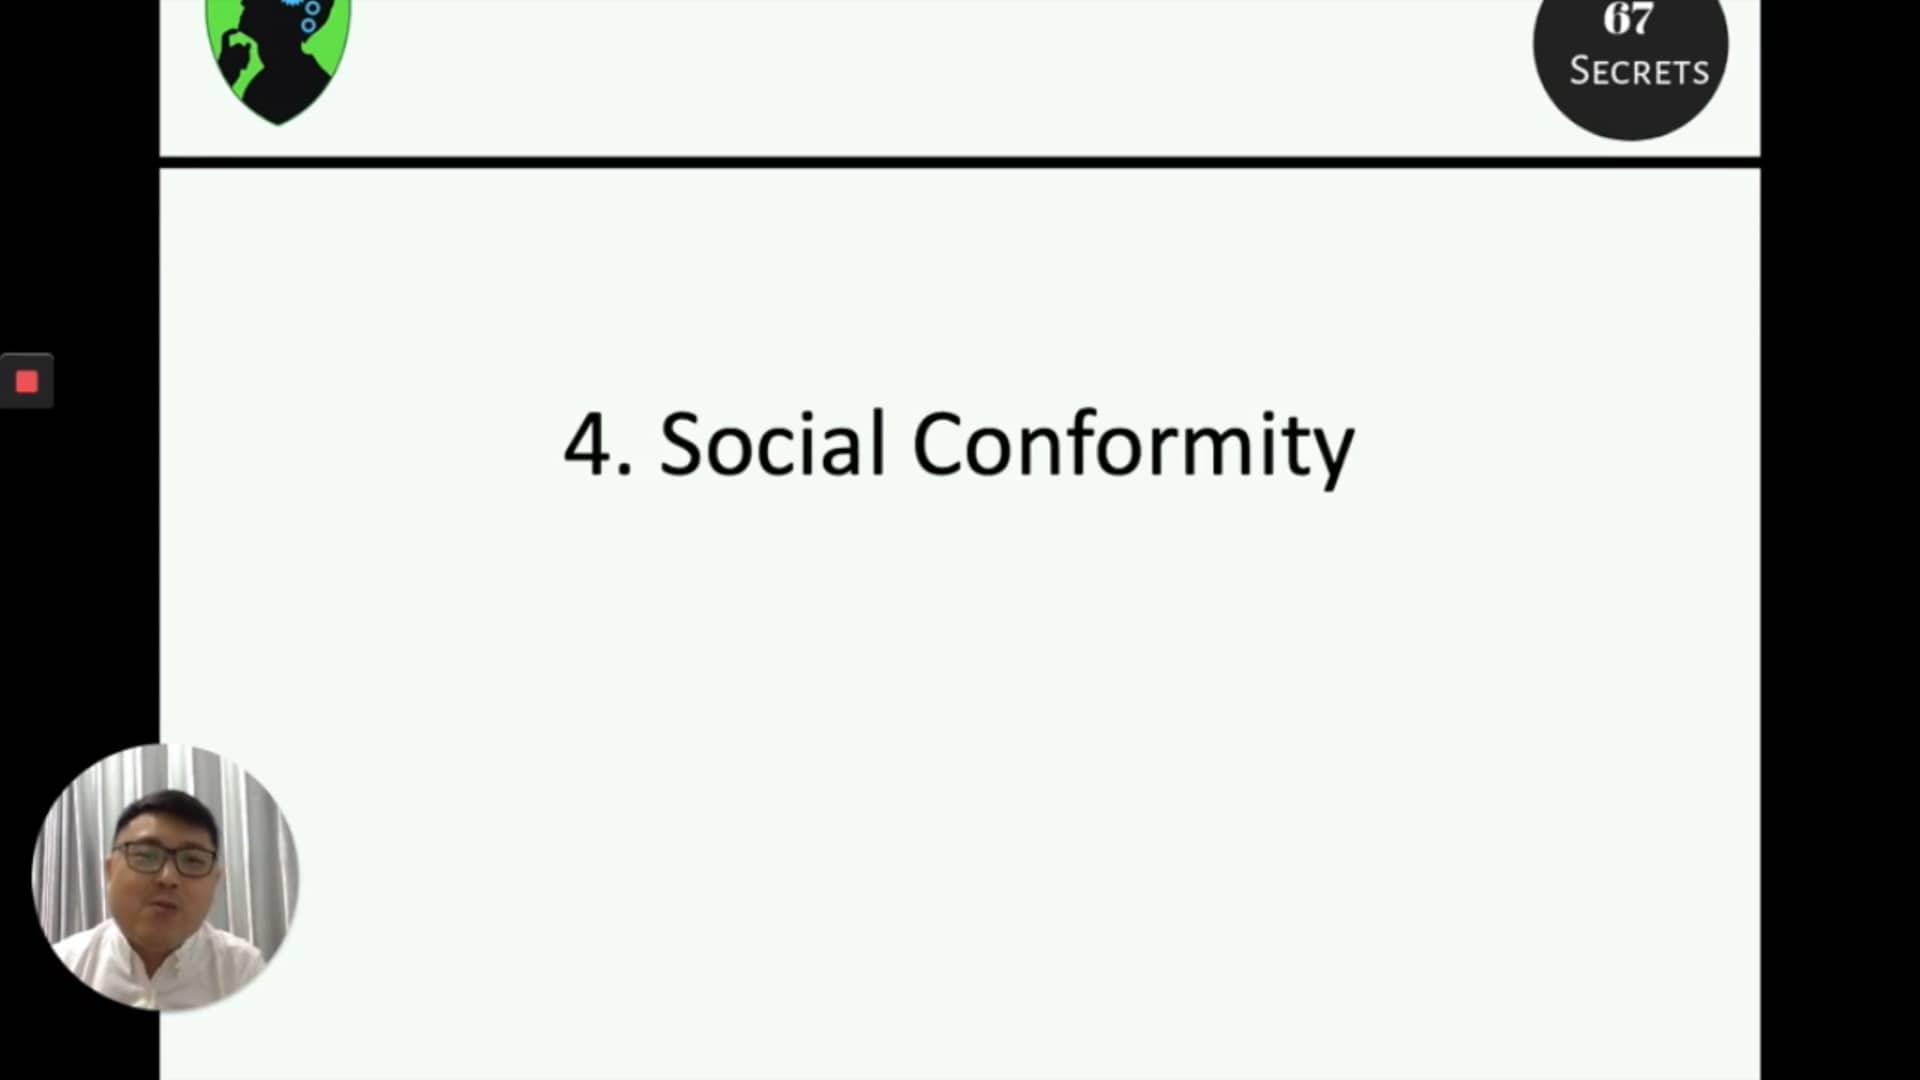 4. Social Conformity